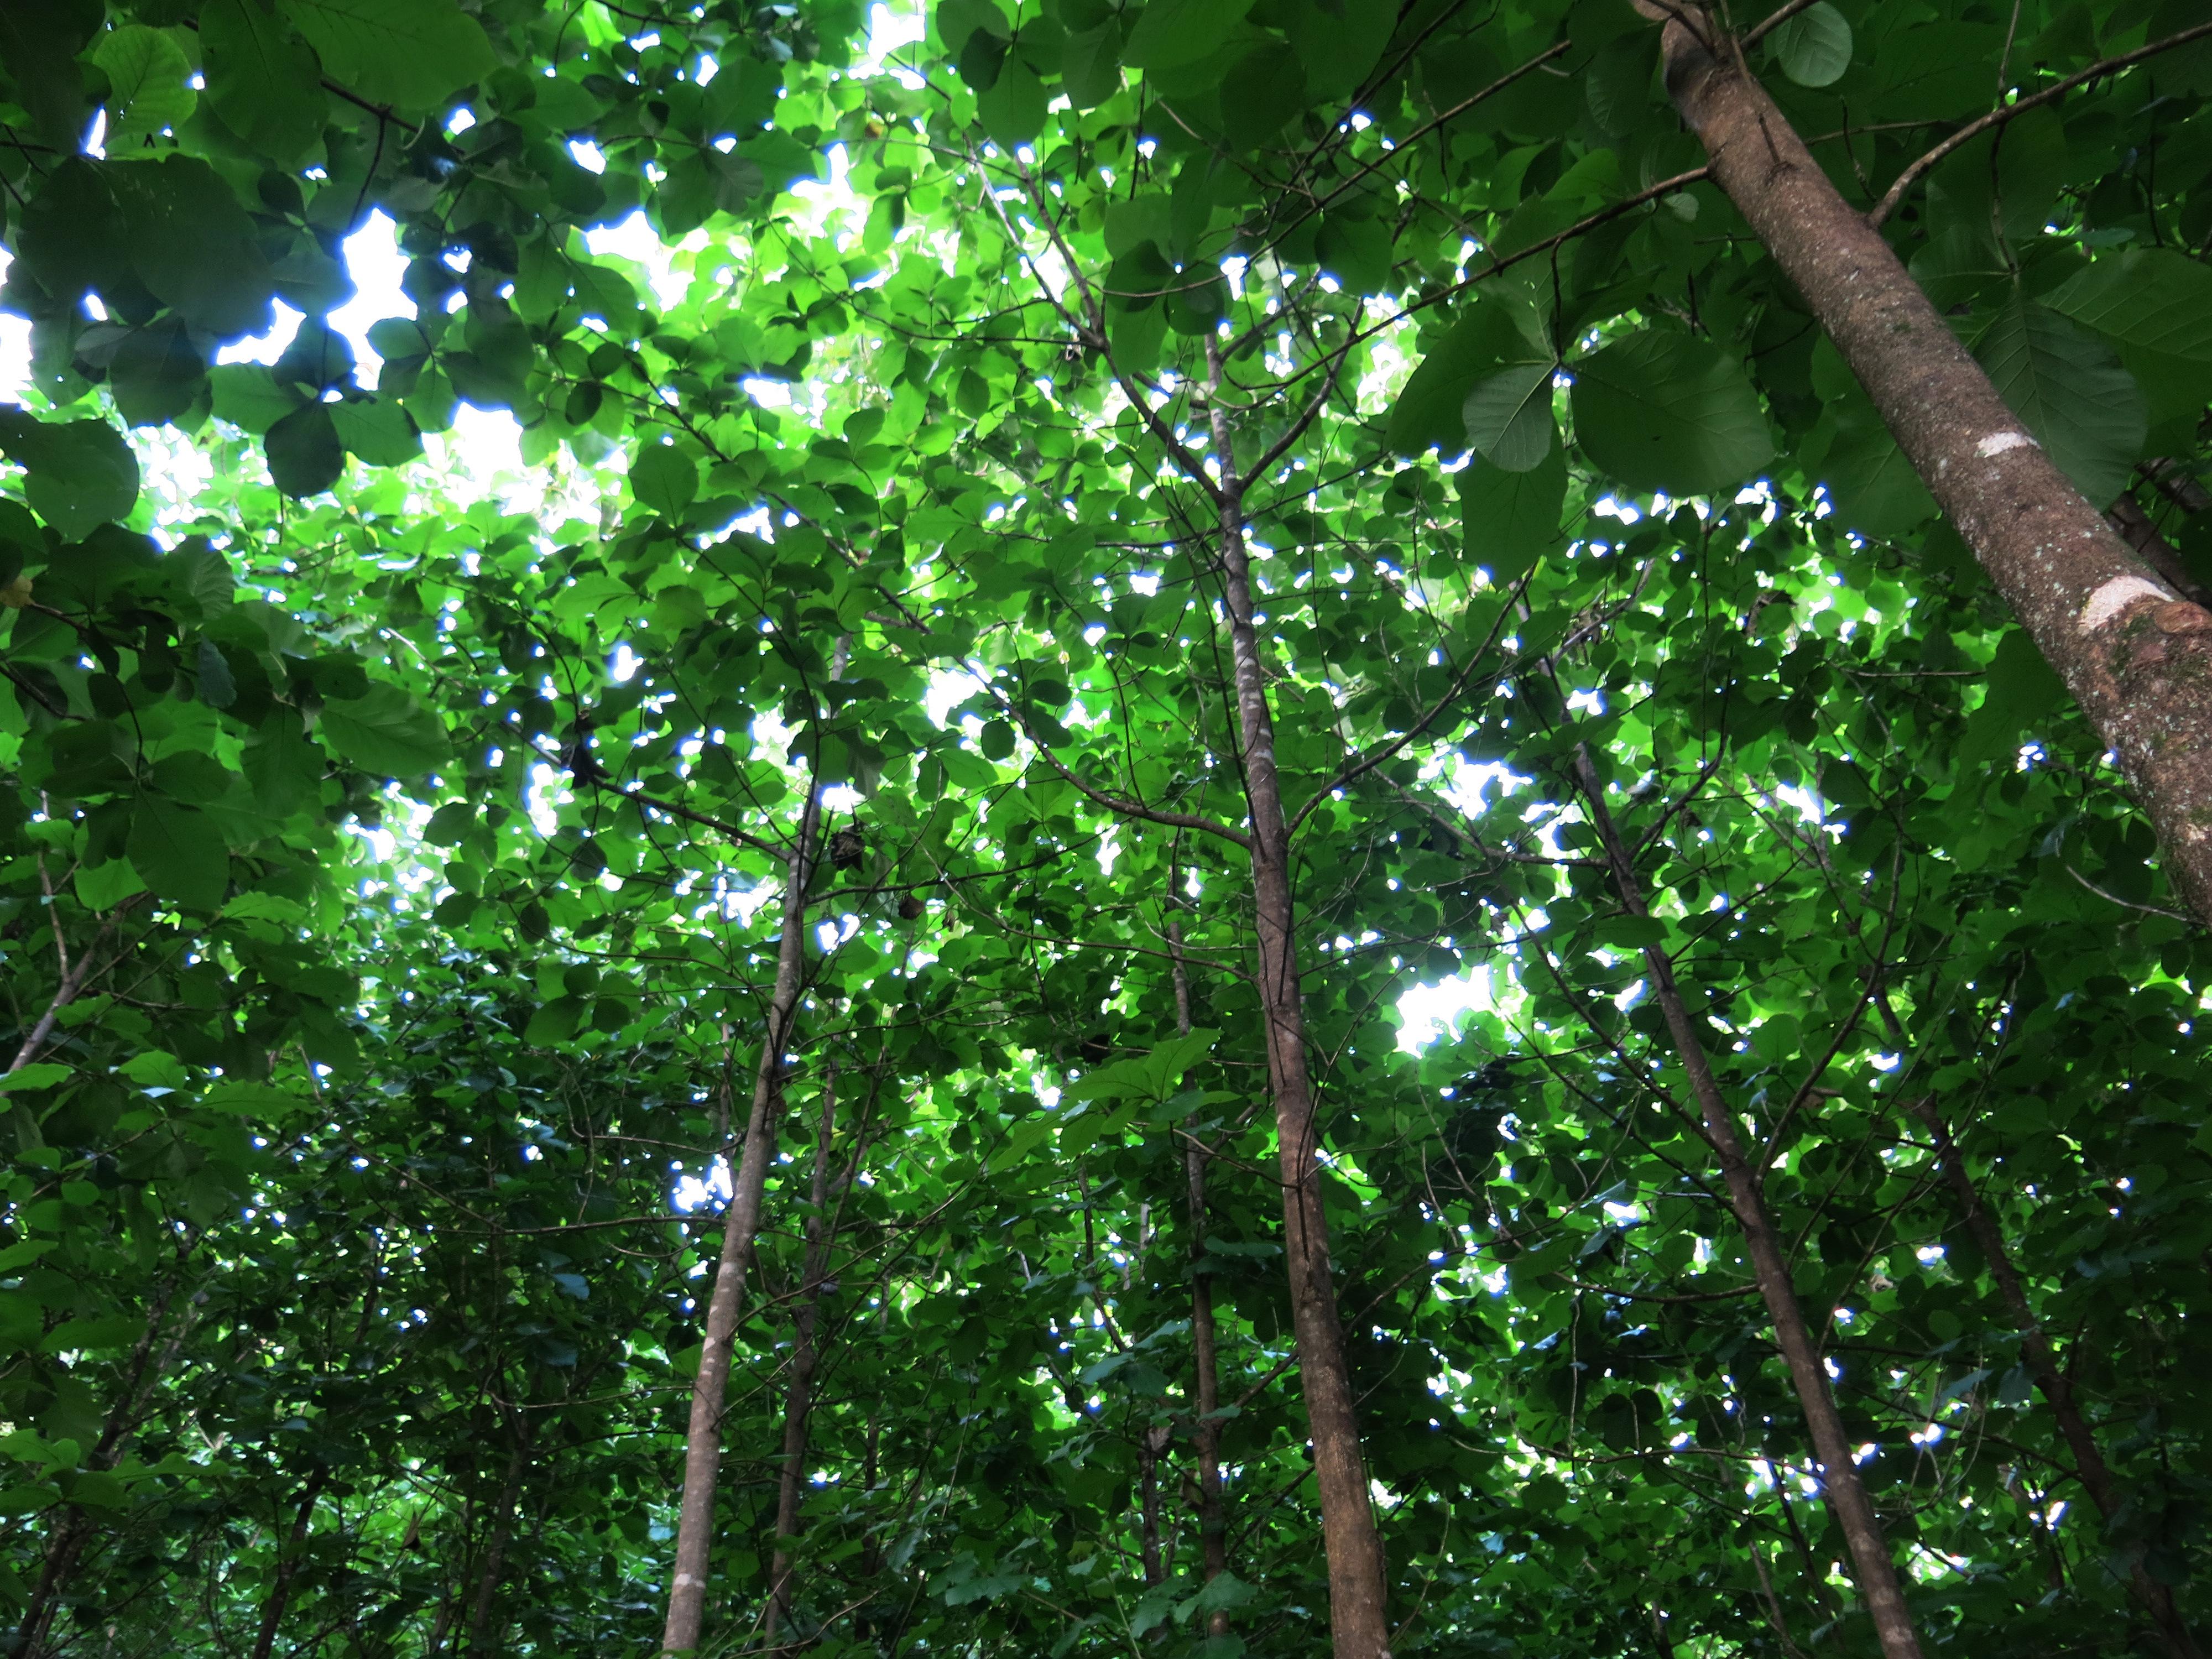 <p>Forestry operation in Costa Rica   Photo by Luciana Gallardo Lomeli / WRI</p>